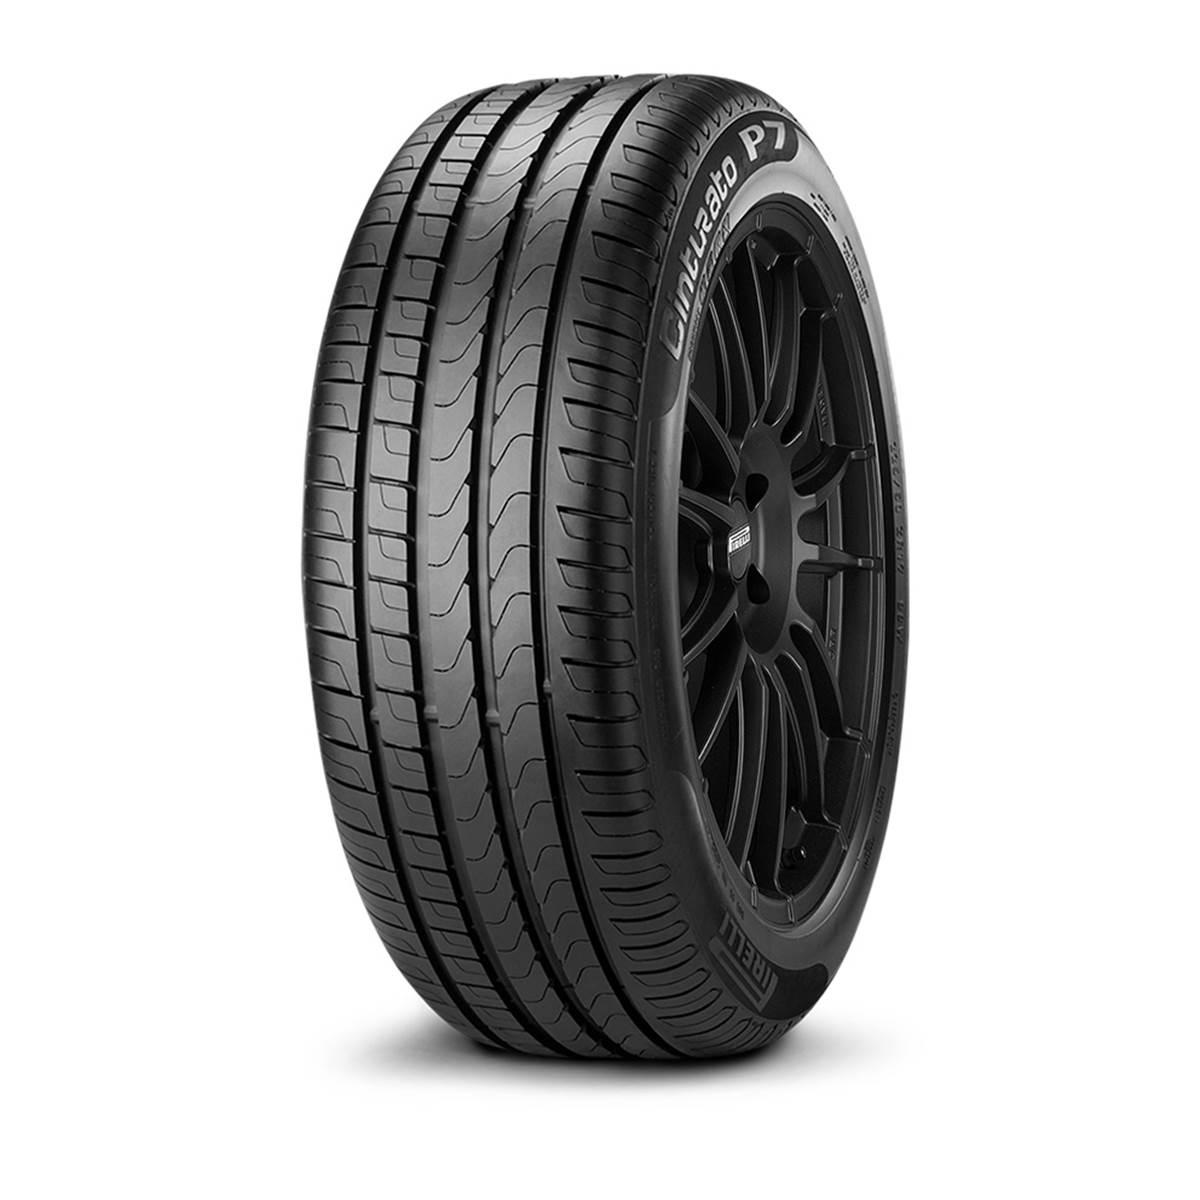 Pneu Runflat Pirelli 225/50R17 94H Cinturato P7